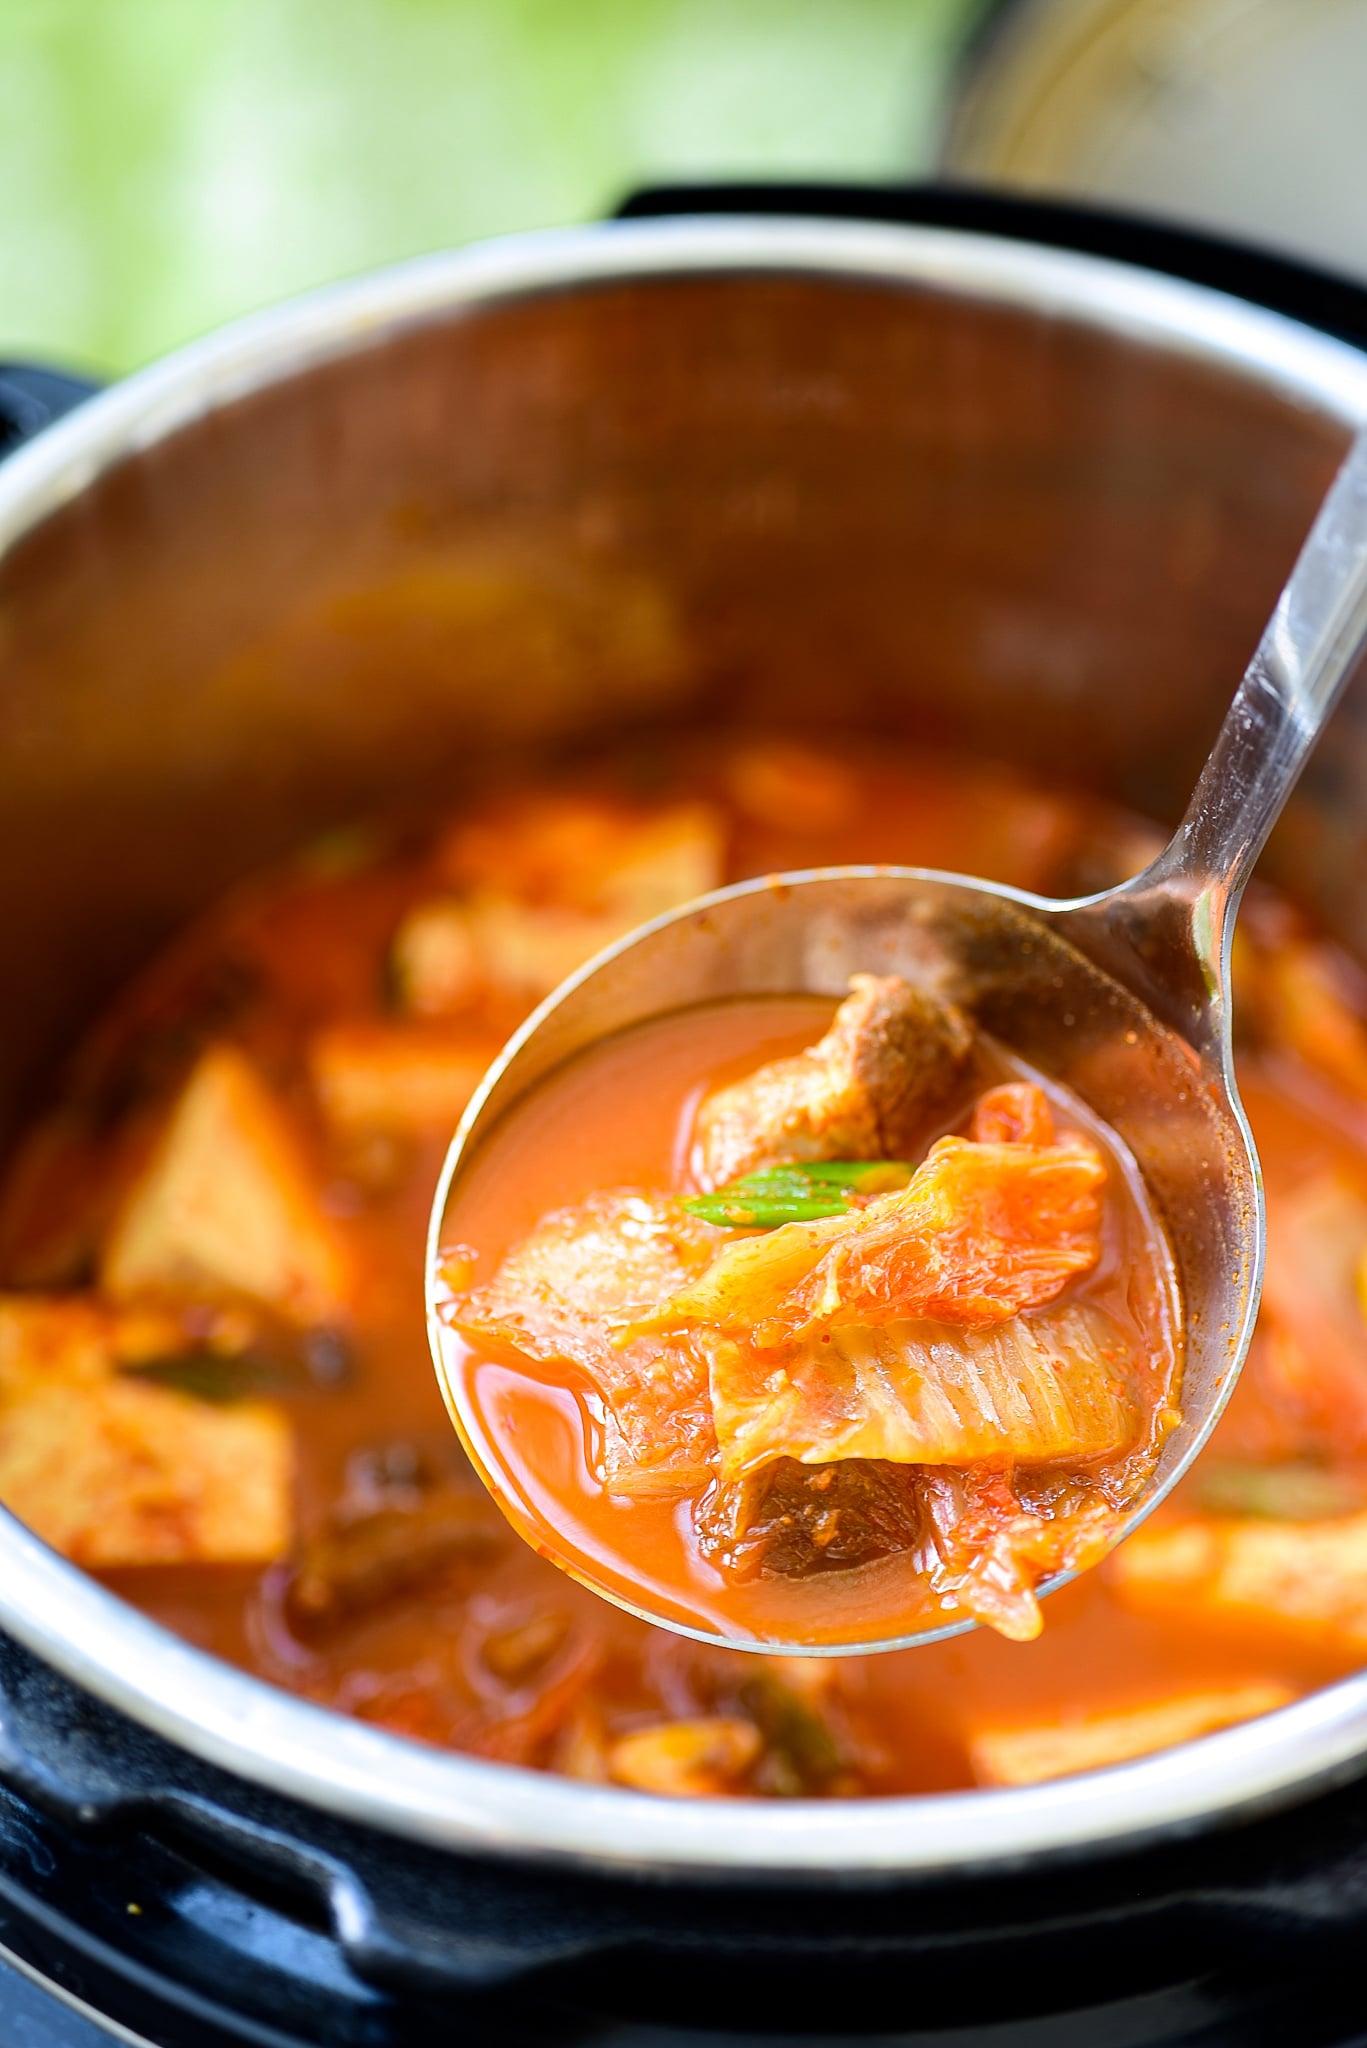 DSC 2014 1 - Instant Pot Kimchi Jjigae (Stew)